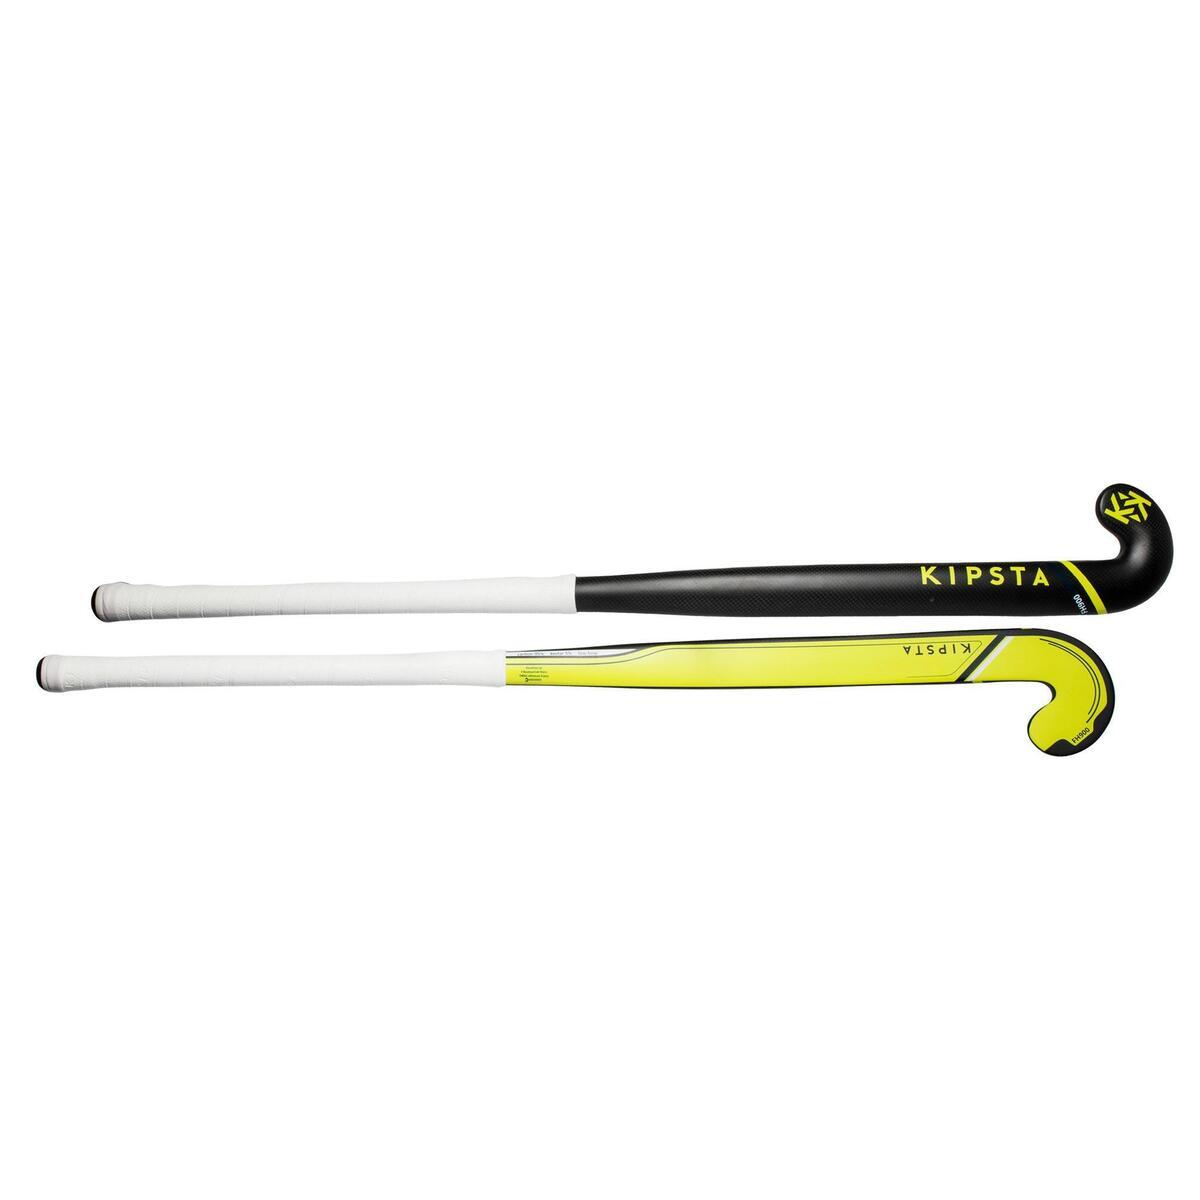 Bild 2 von Feldhockeyschläger FH900 Erwachsene Low Bow 95% Carbon gelb